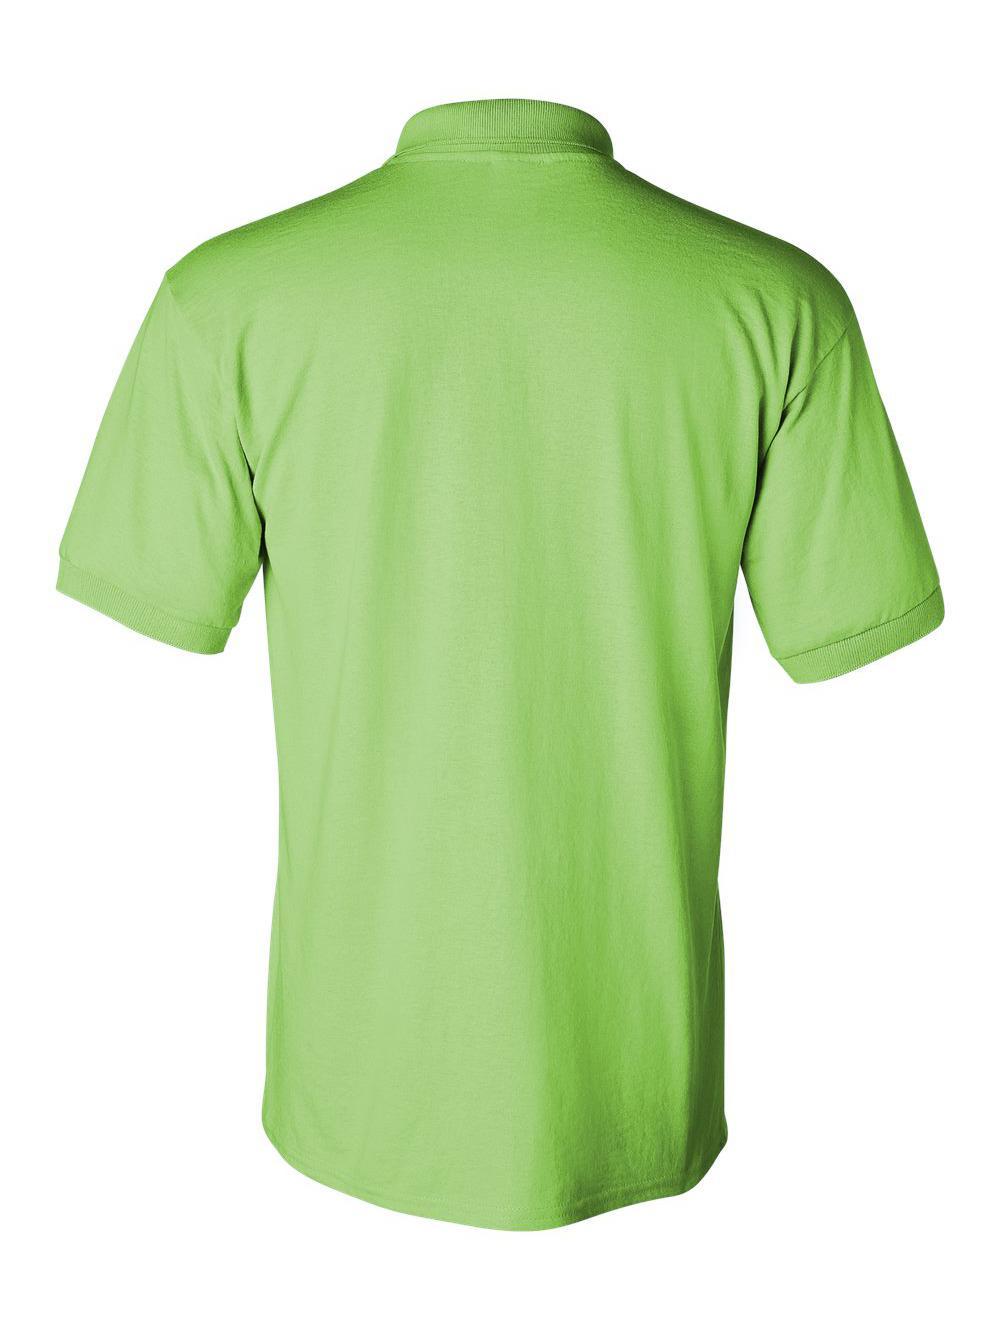 Gildan-DryBlend-Jersey-Sport-Shirt-8800 thumbnail 43